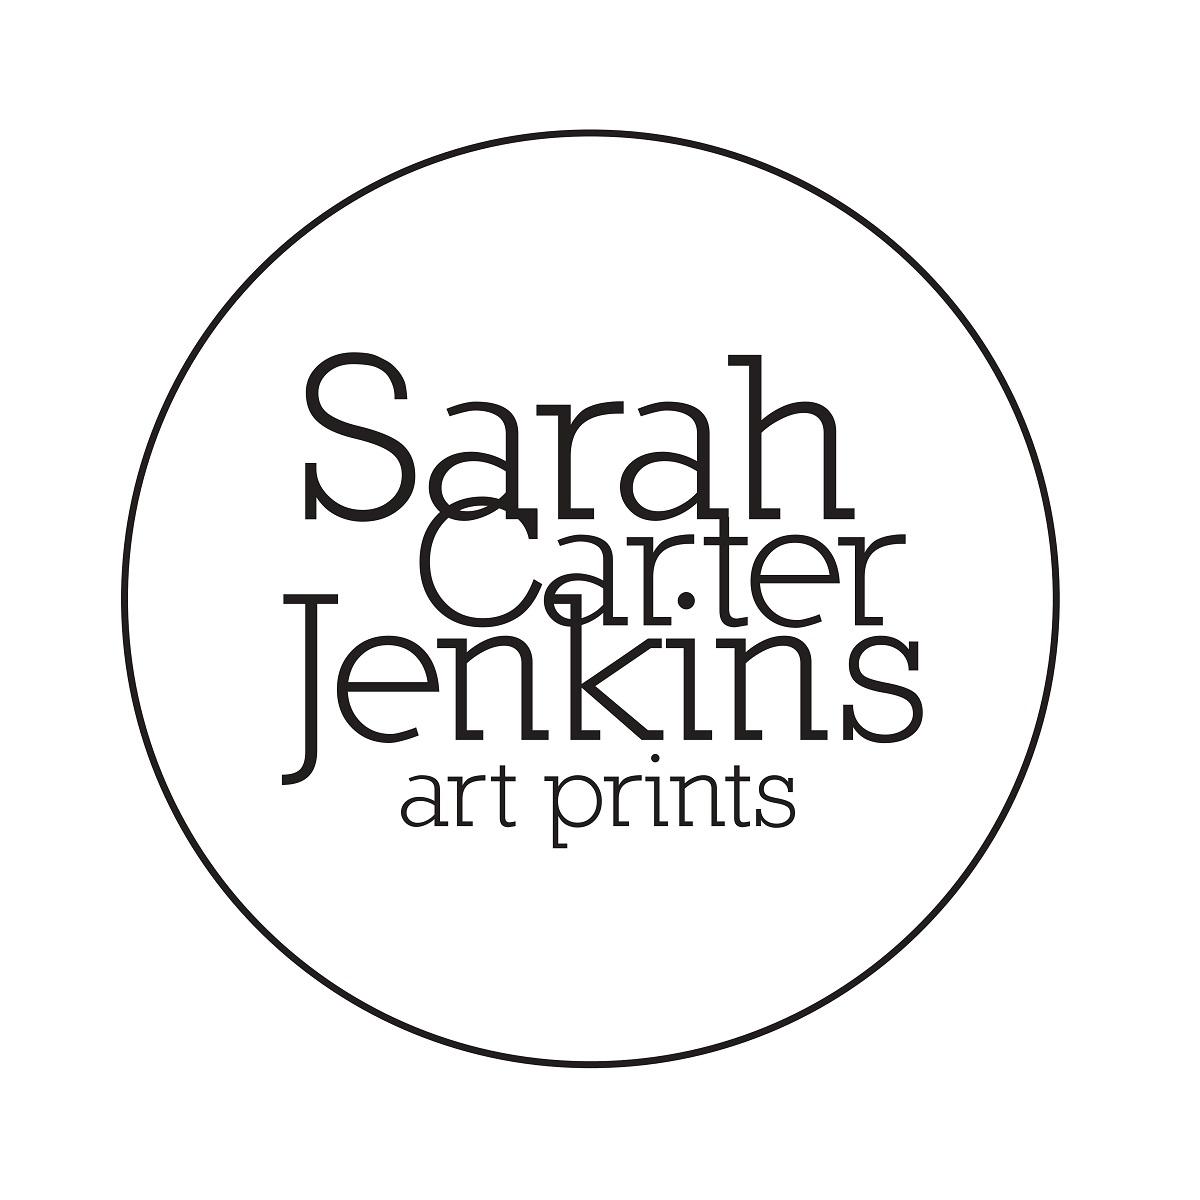 Sarah Carter Jenkins